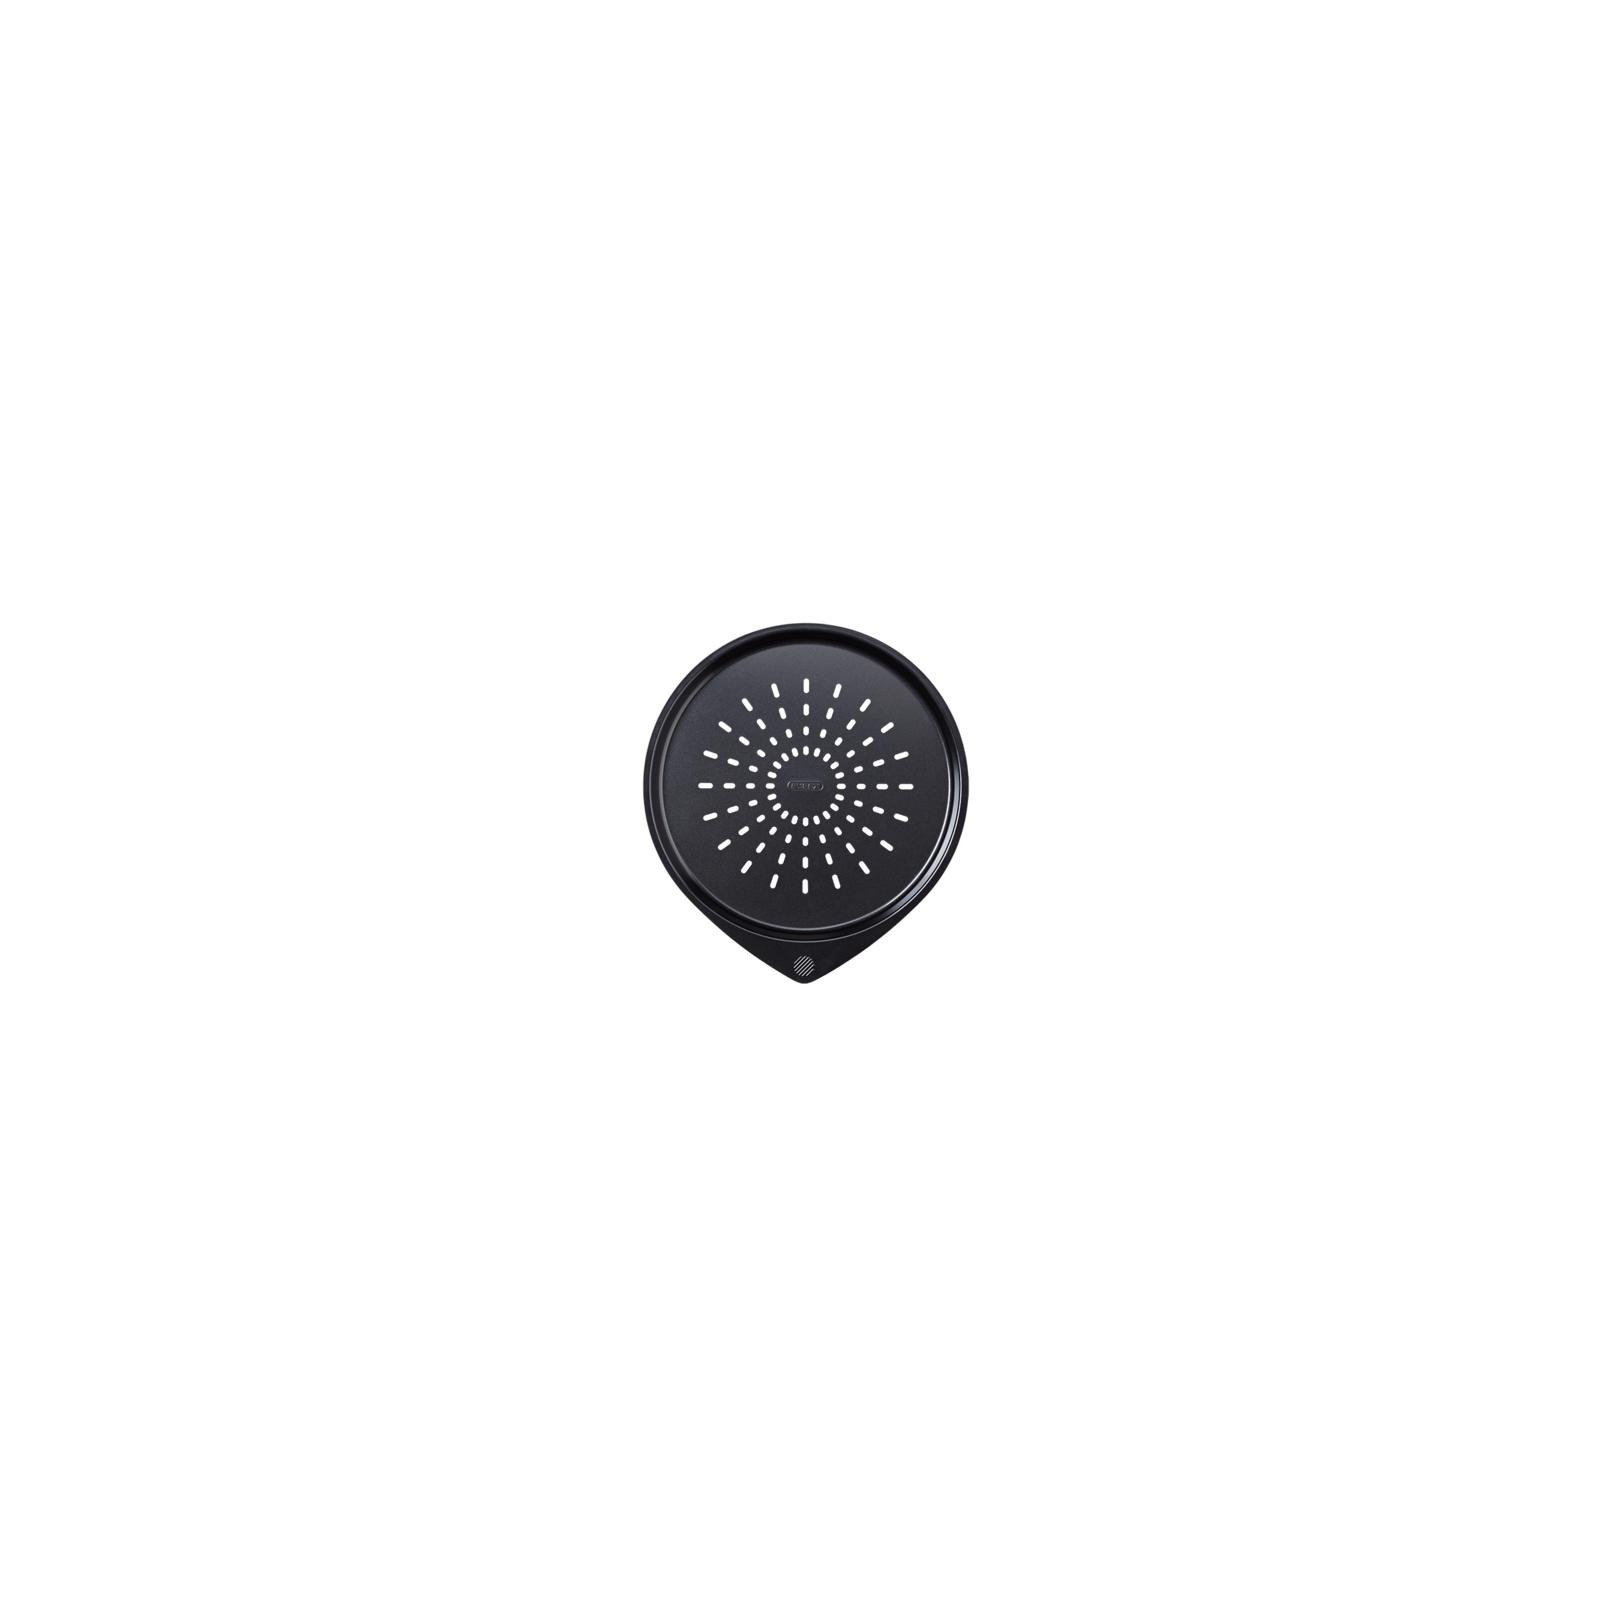 Форма для выпечки Pyrex Asimetria 30 см круглая (MG30BZ6) изображение 2